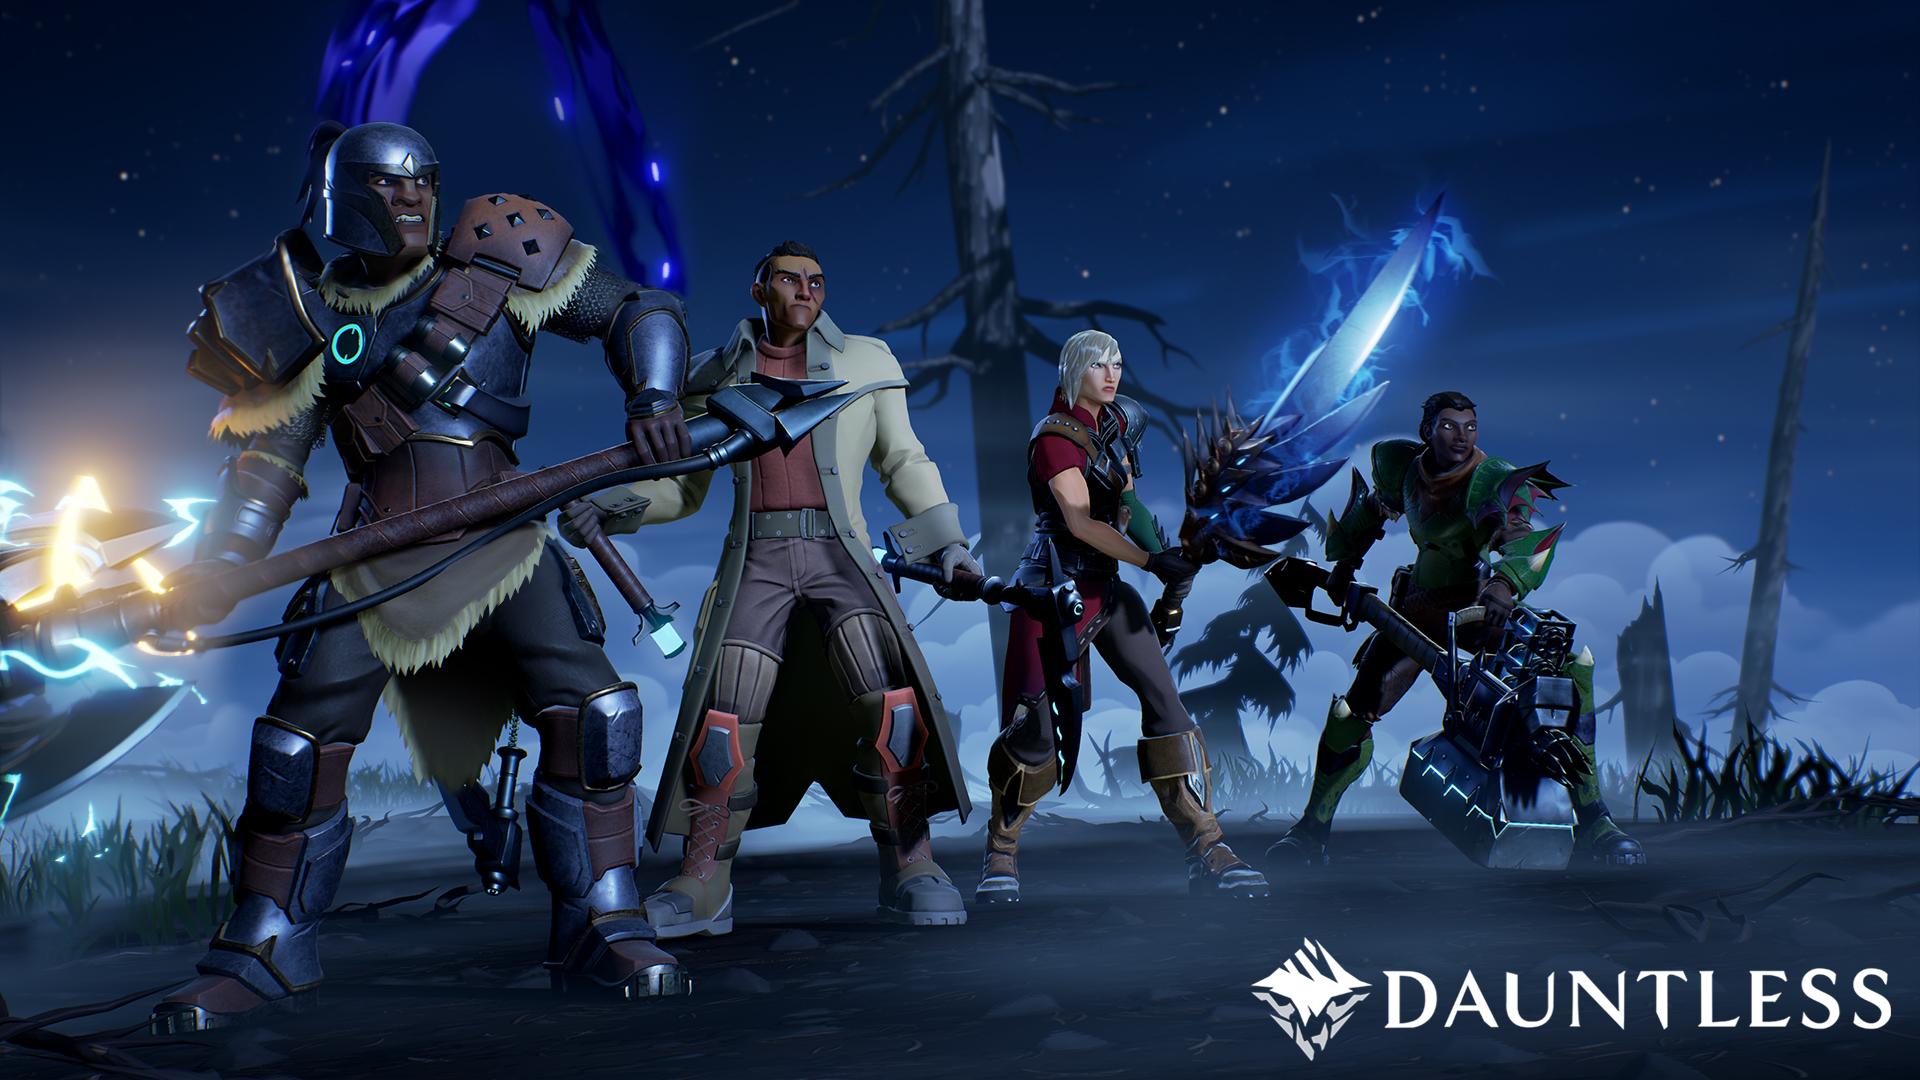 Dauntless freut sich auf Monster Hunter World – Keine Konkurrenz